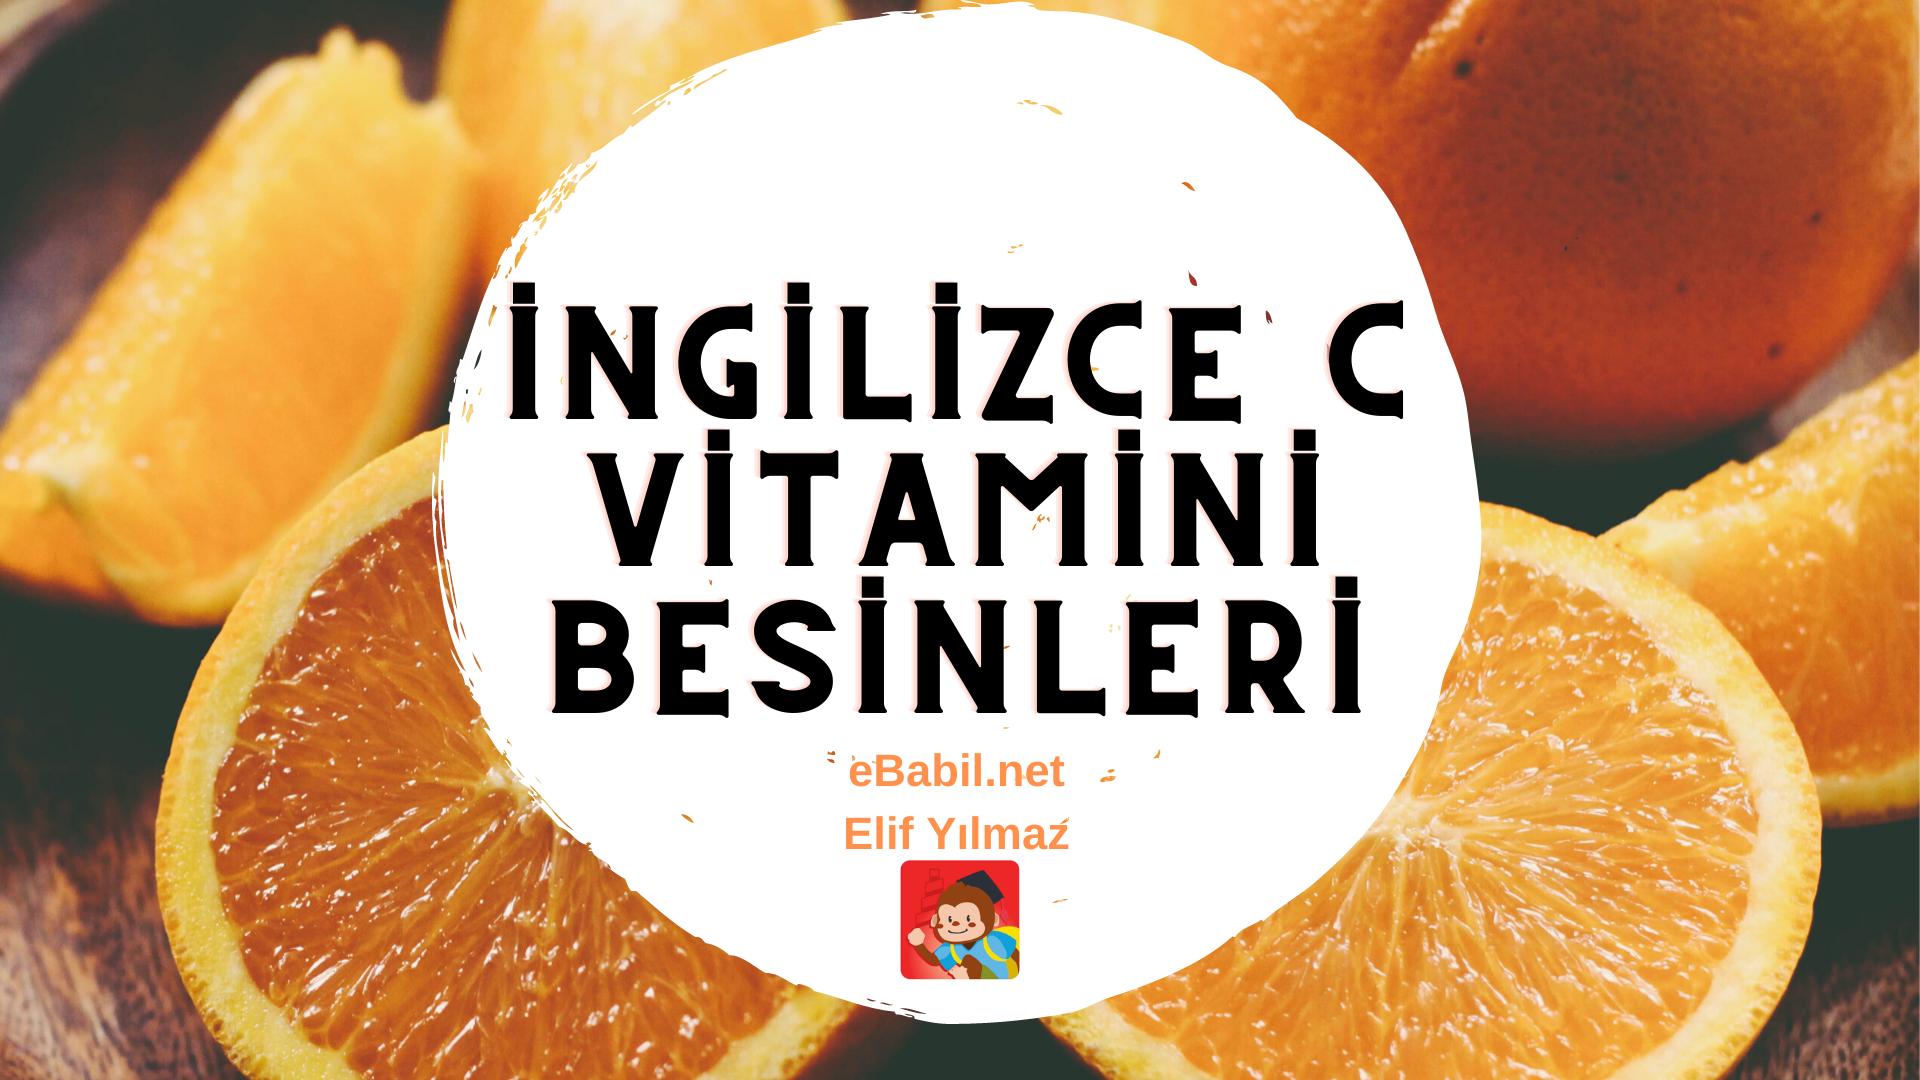 İngilizce C Vitamini Besinleri Ders Afişi (12 Foods That Are High in Vitamin C)